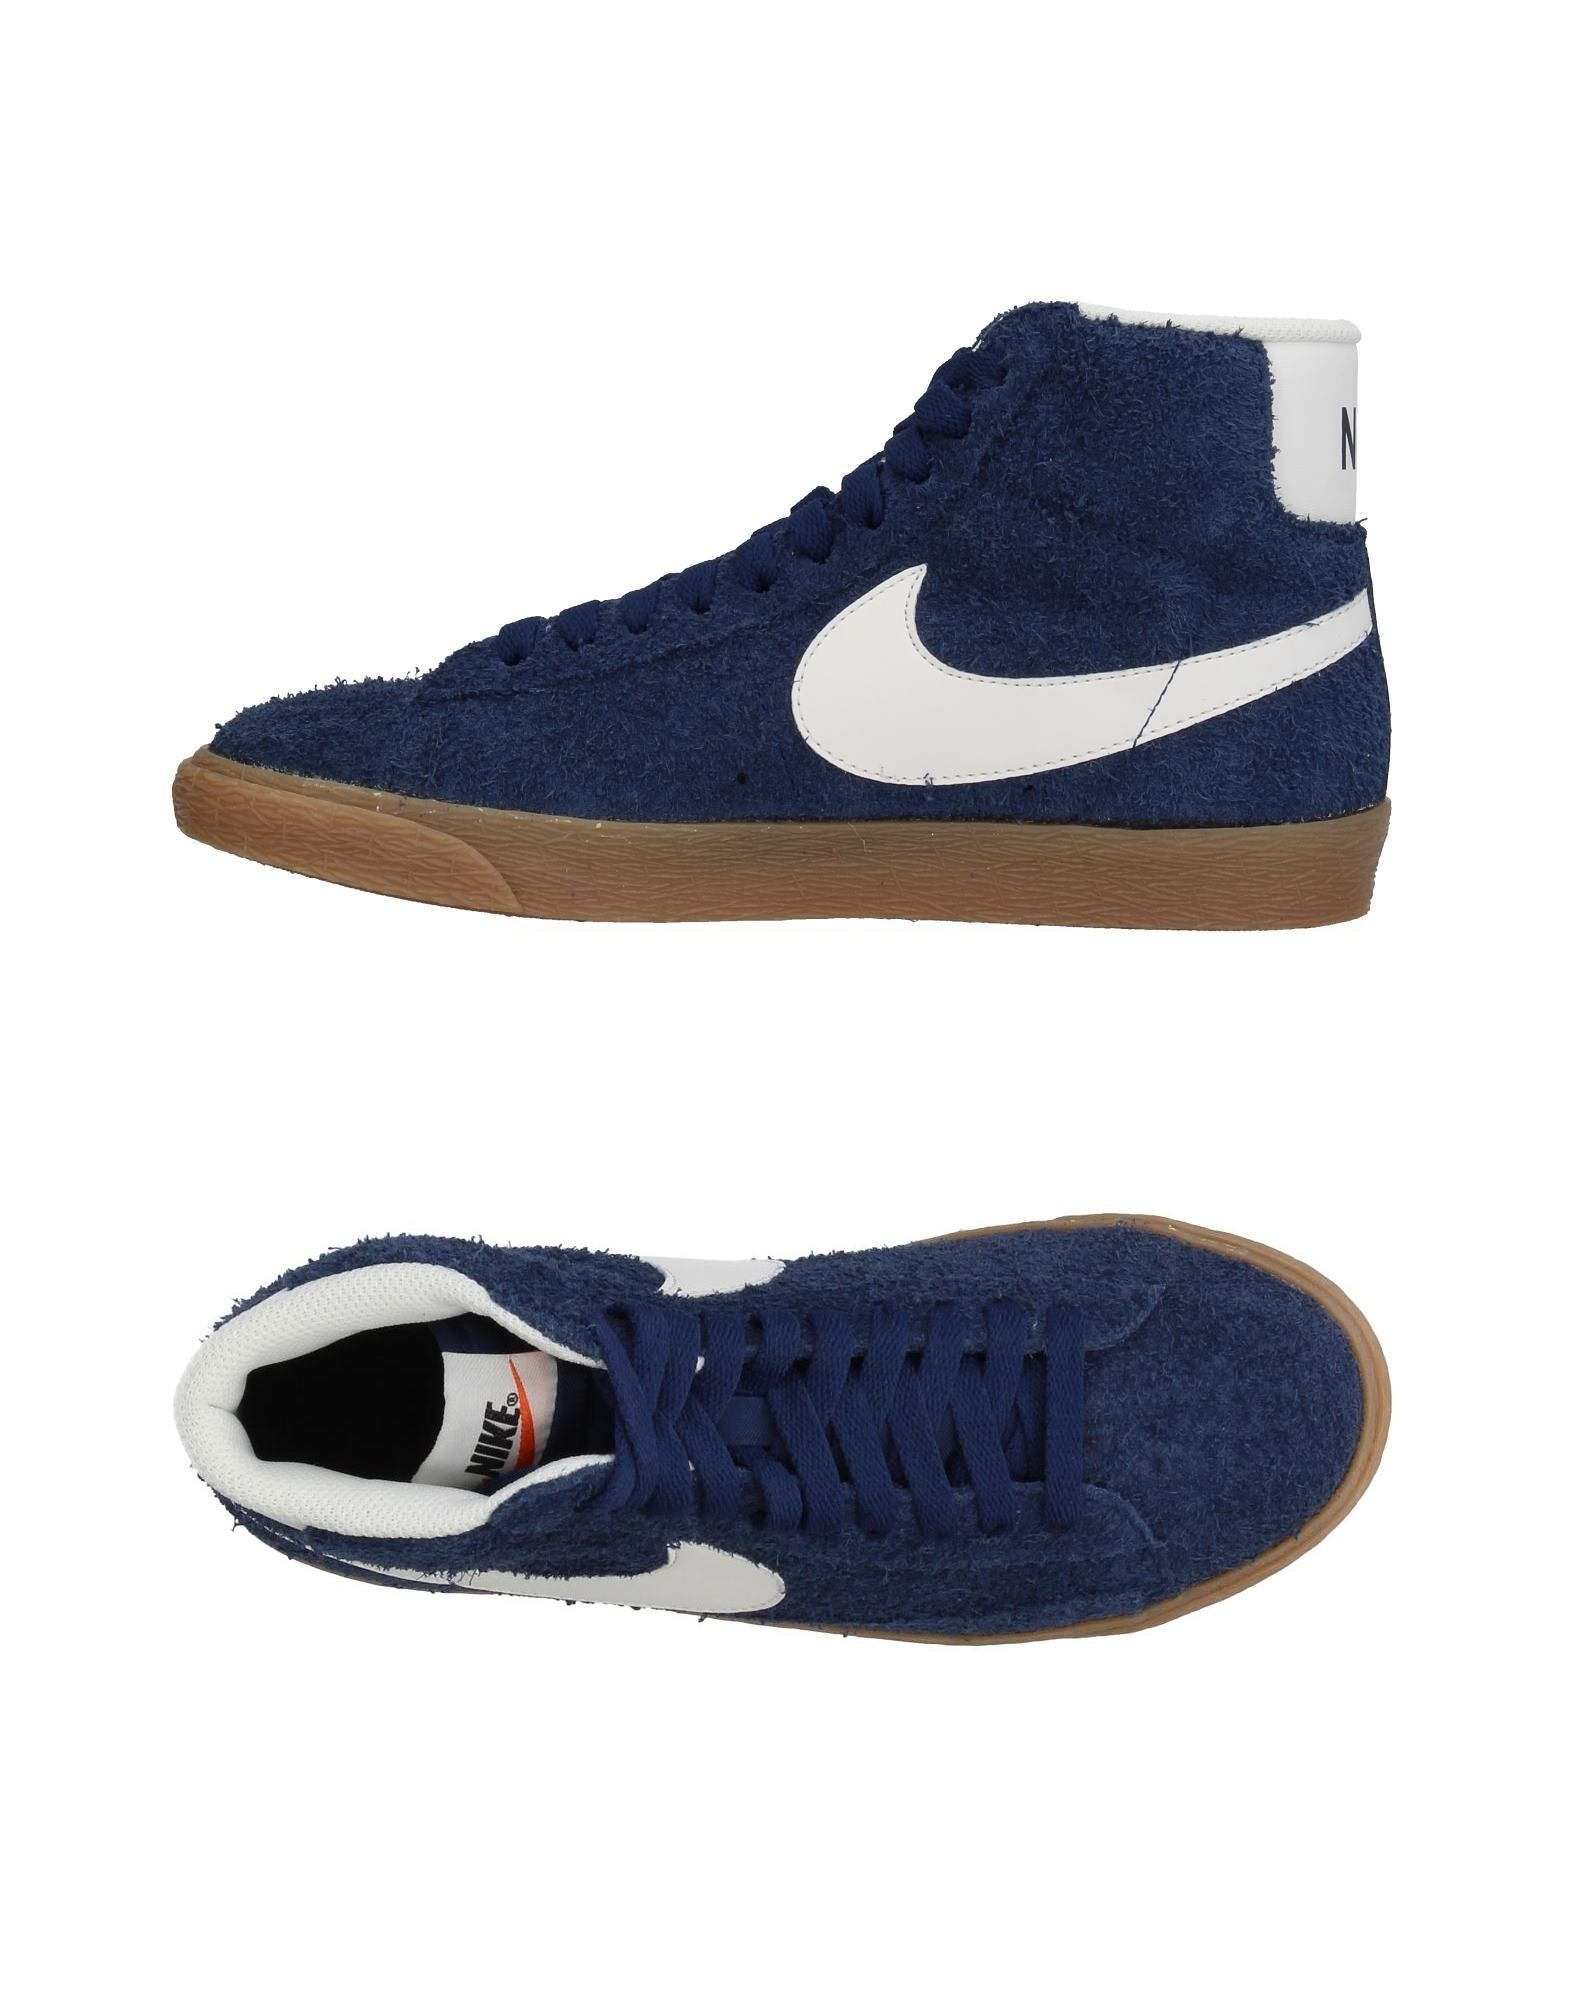 Baskets Nike Femme - Baskets Nike Bleu foncé Nouvelles chaussures pour hommes et femmes, remise limitée dans le temps